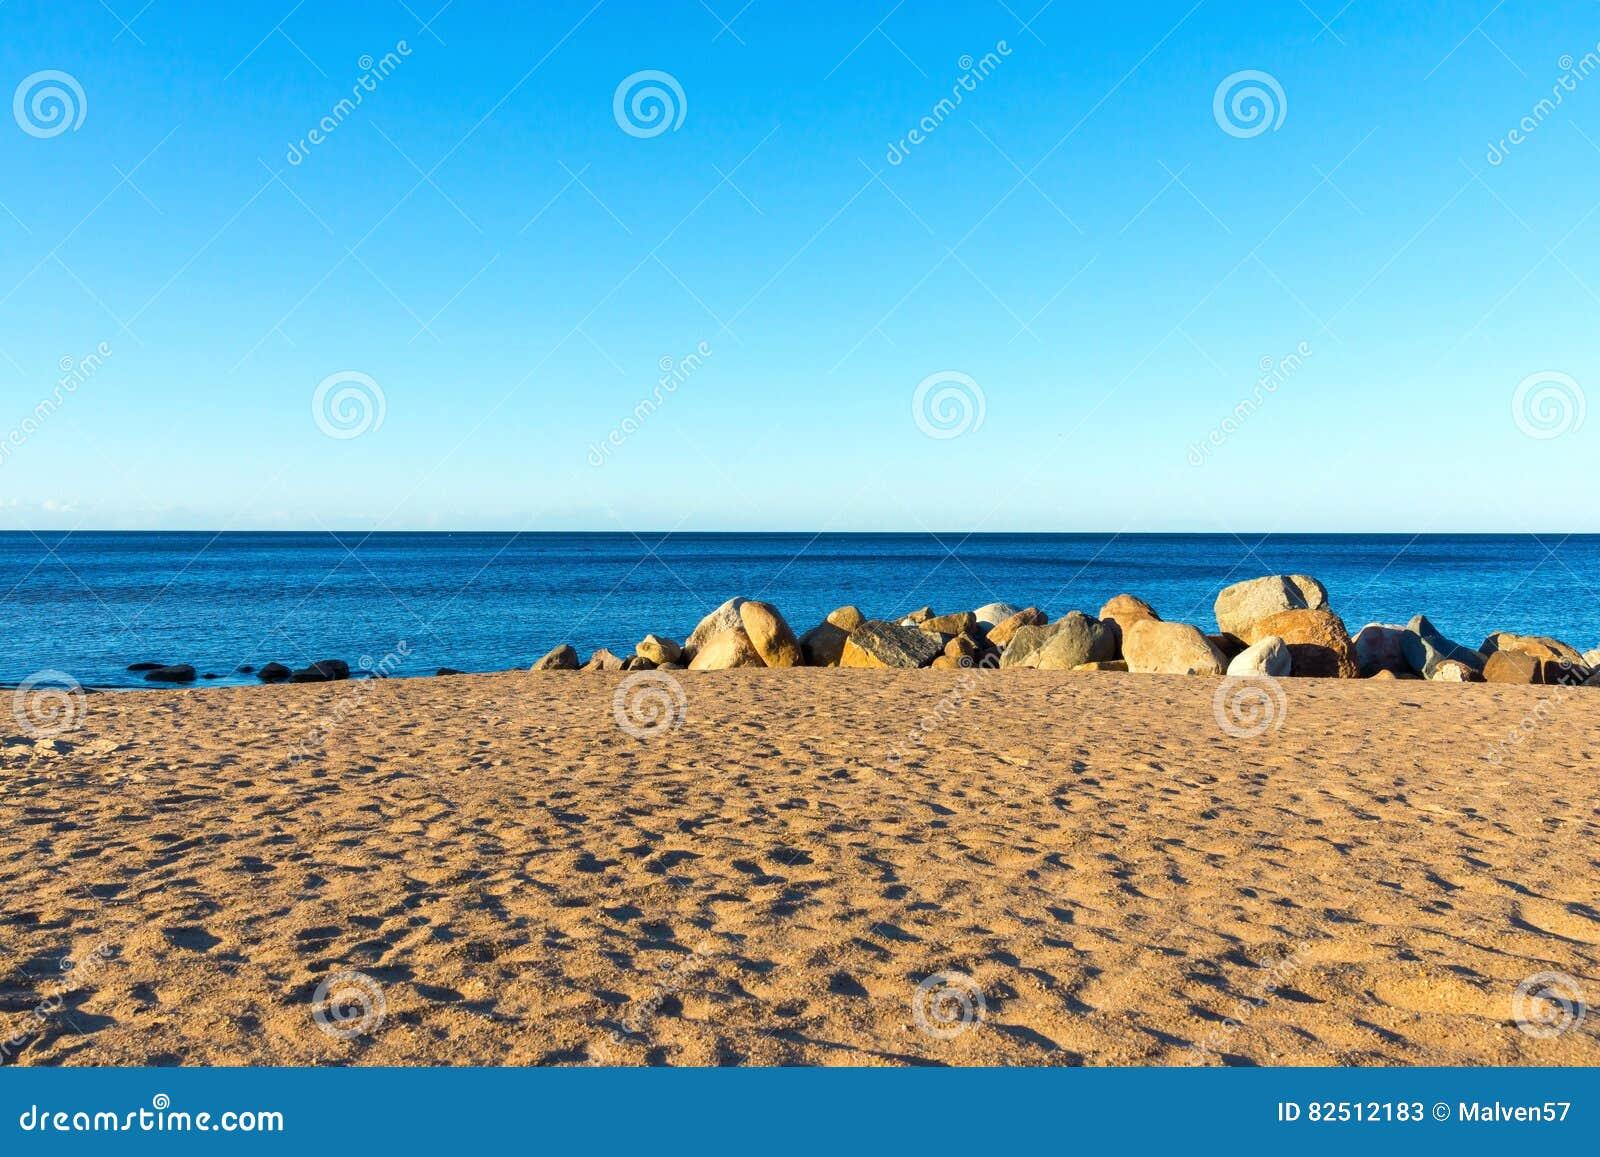 7fb7793417 Αμμώδης παραλία και μεγάλες πέτρες στην ξηρά κοντά στο νερό. Download  preview